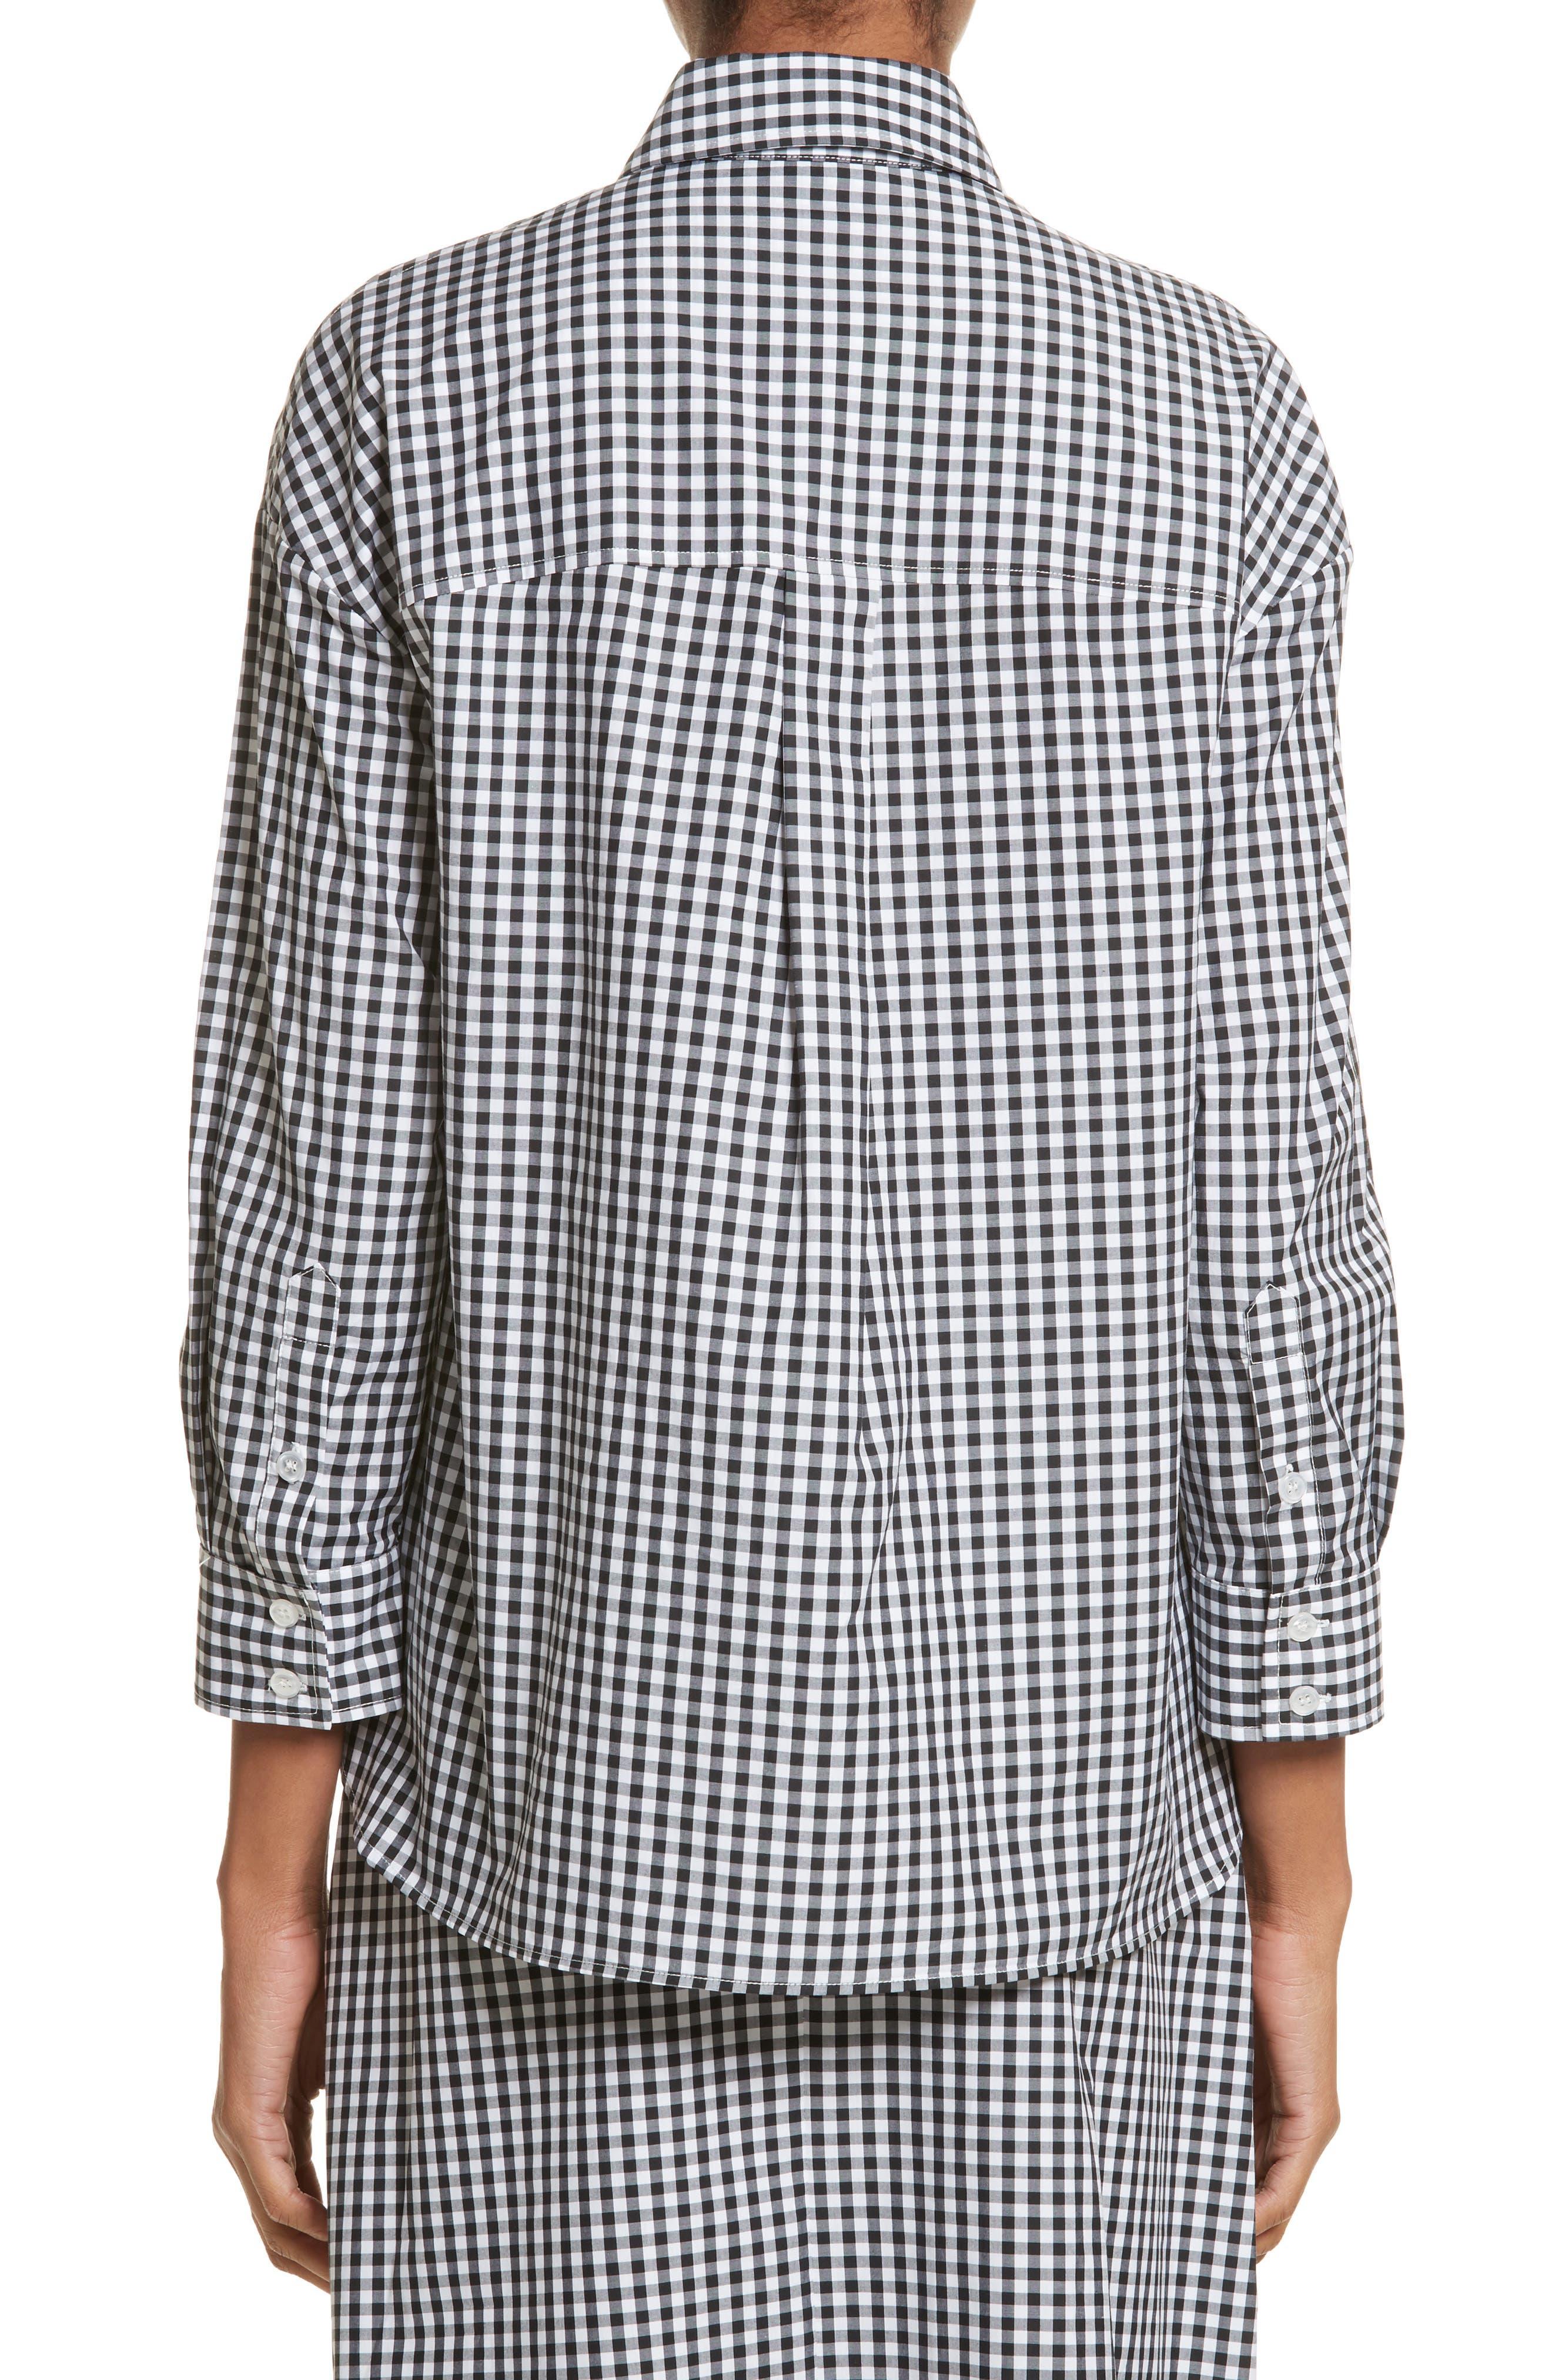 Beaded Smock Front Shirt,                             Alternate thumbnail 2, color,                             Black White Black